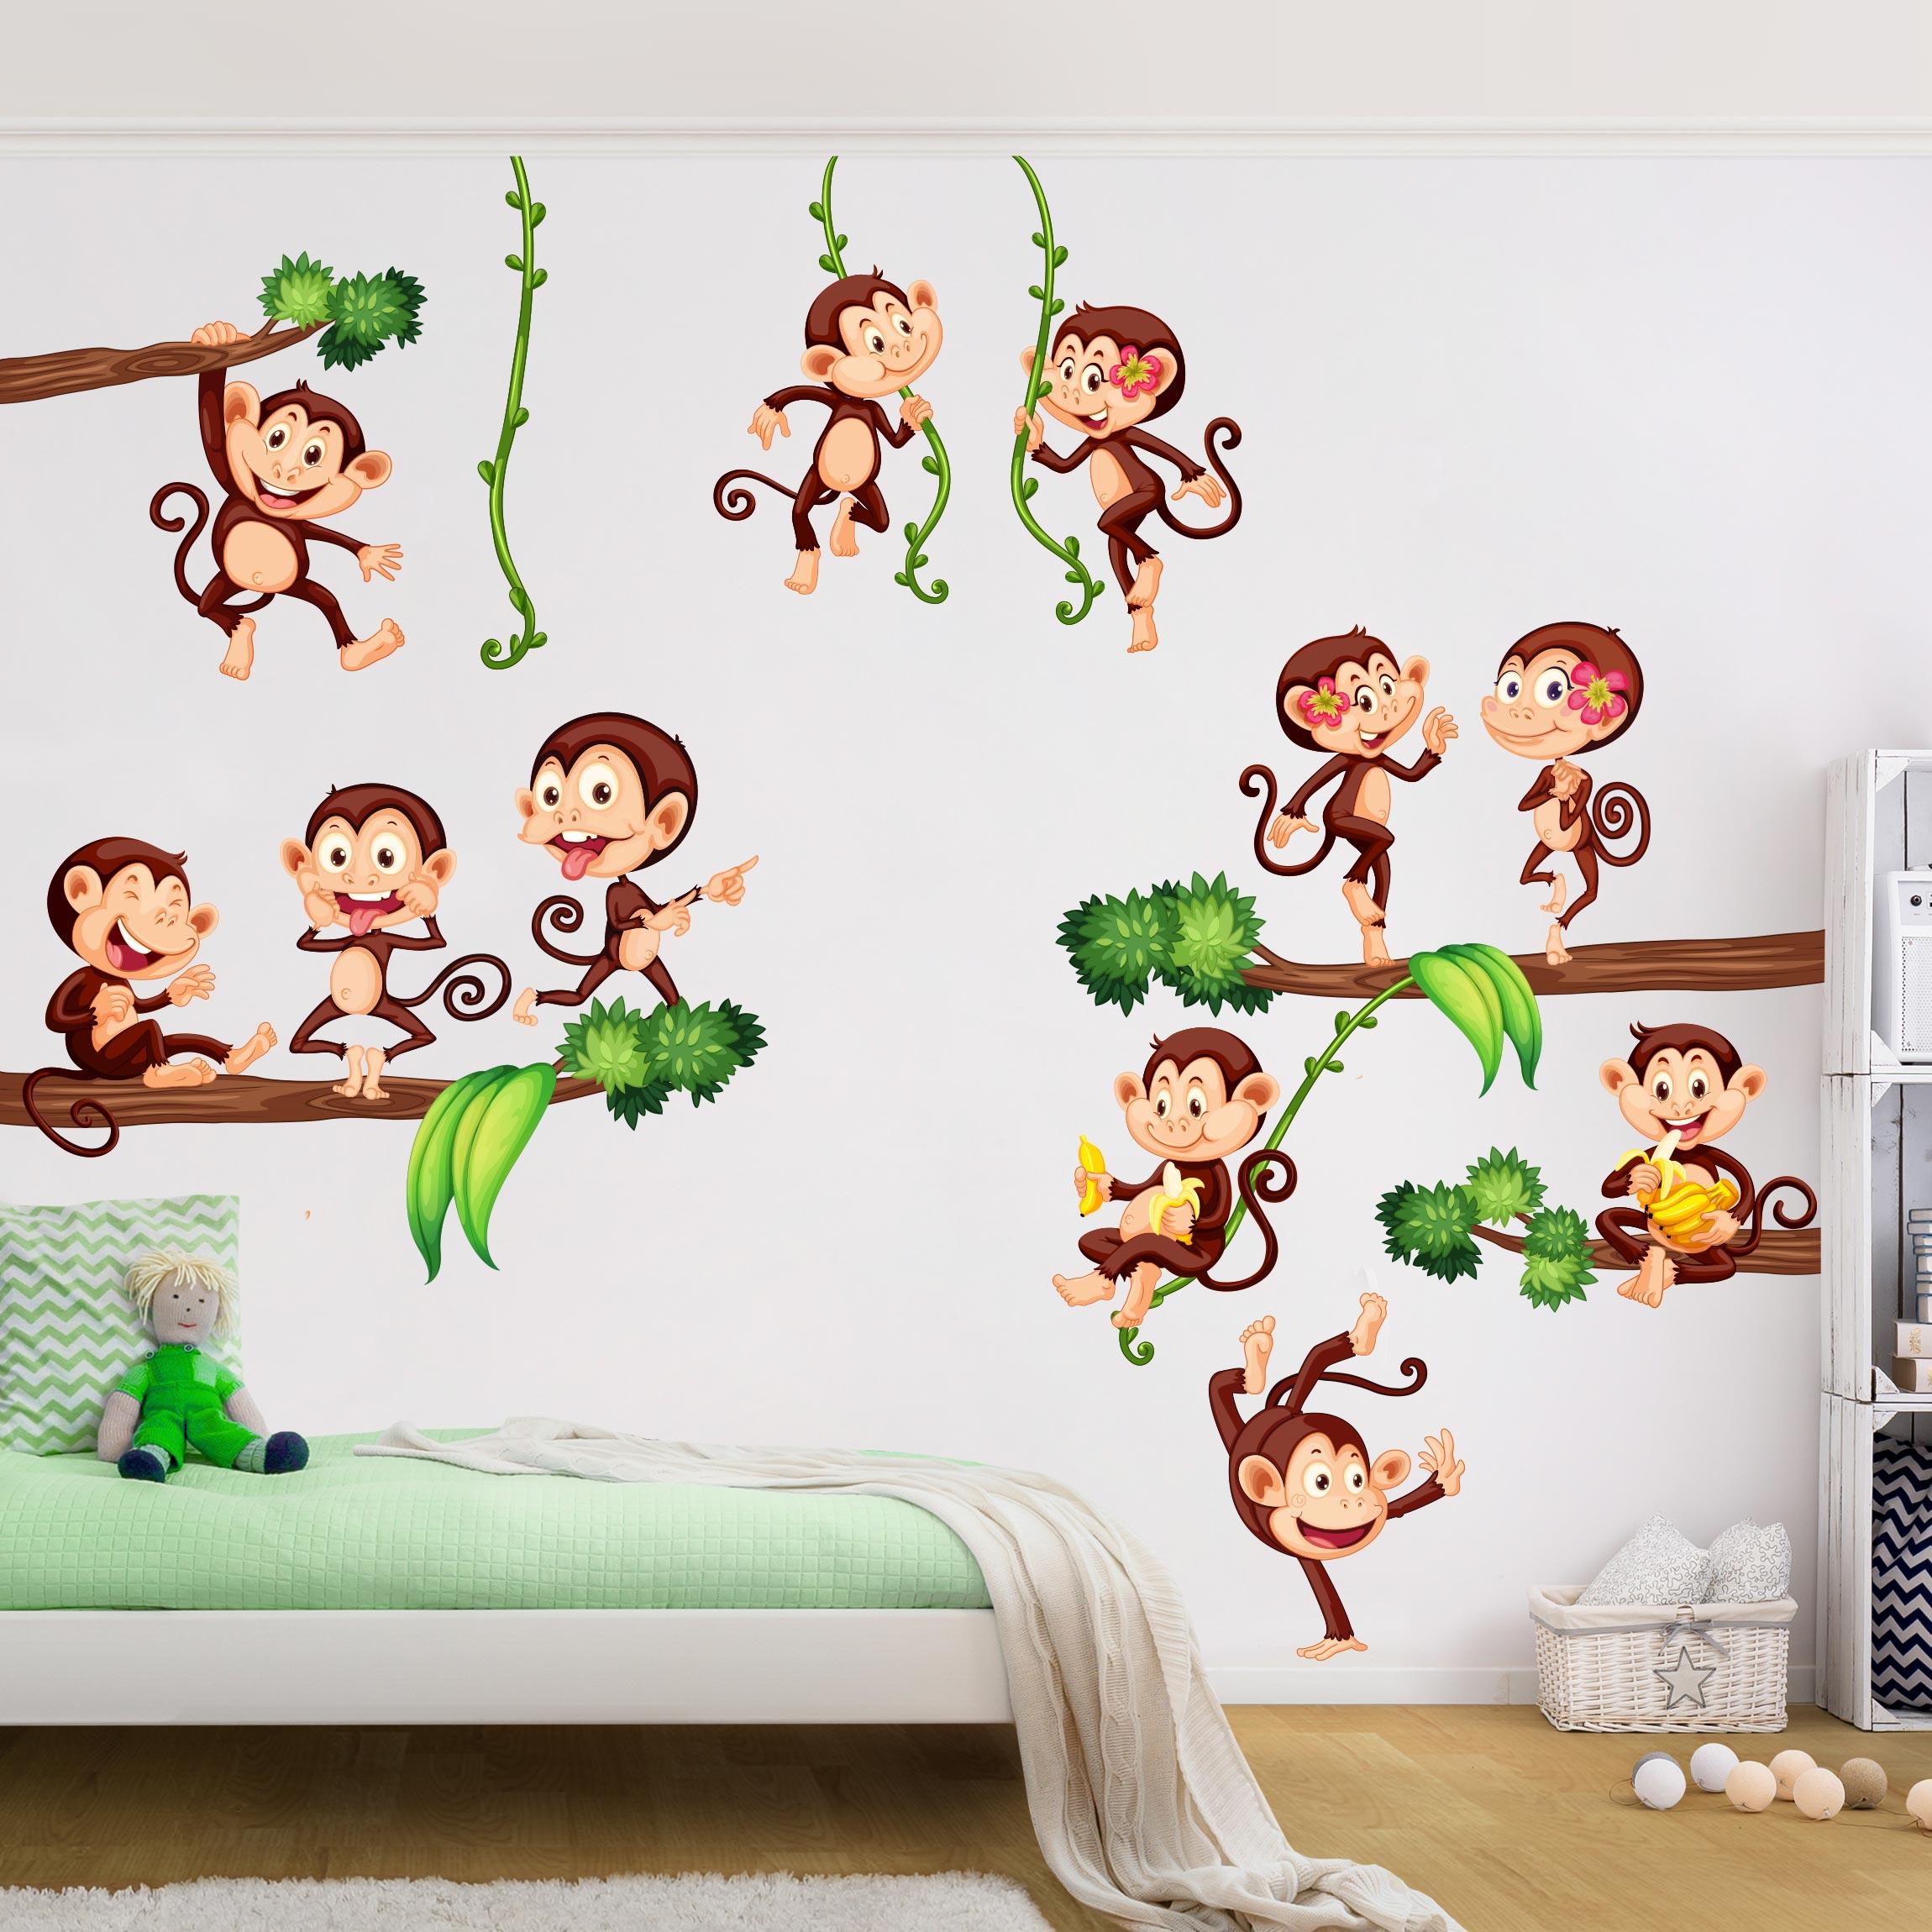 Full Size of Wandtattoo Kinderzimmer Affen Des Dschungels Badezimmer Regal Sofa Wandtattoos Bad Sprüche Küche Schlafzimmer Wohnzimmer Regale Weiß Kinderzimmer Wandtattoo Kinderzimmer Tiere